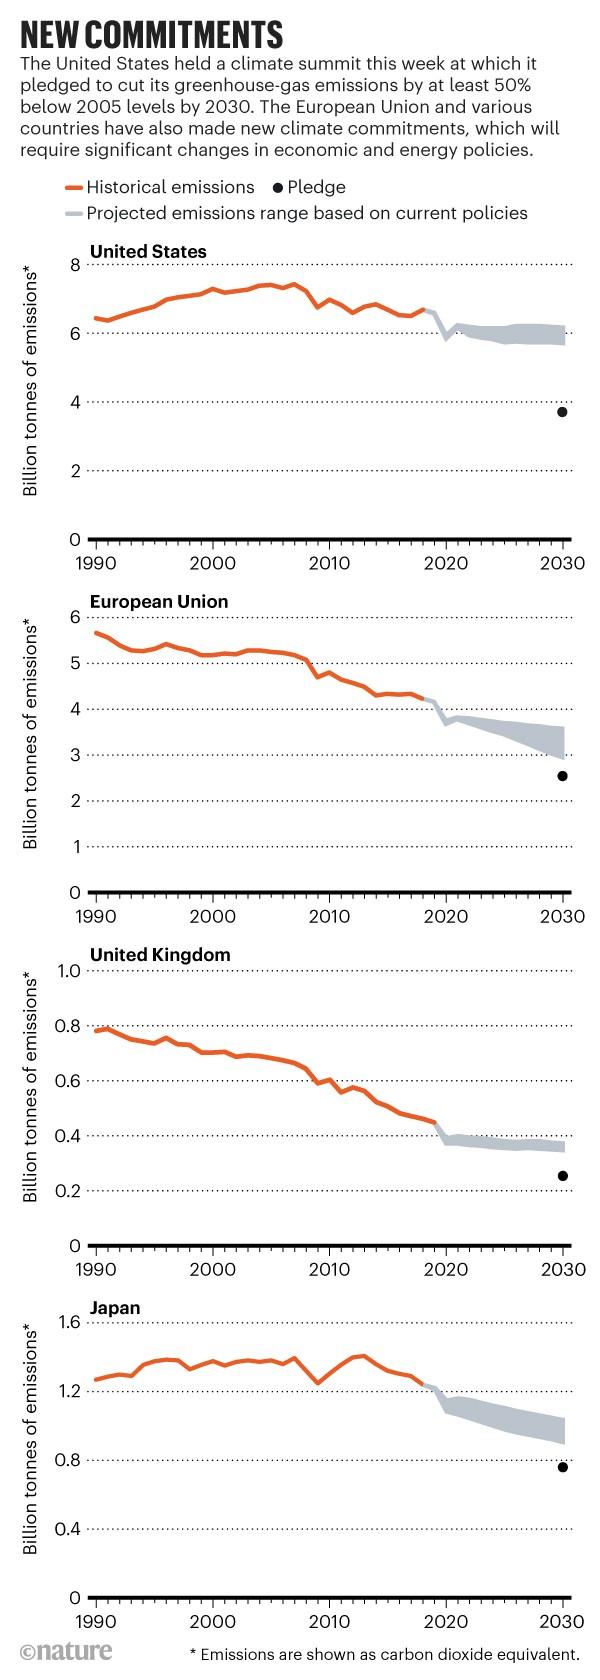 Nuevos compromisos: Emisiones históricas, emisiones proyectadas y reducciones de emisiones prometidas para los EE. UU., La UE, el Reino Unido y Japón.